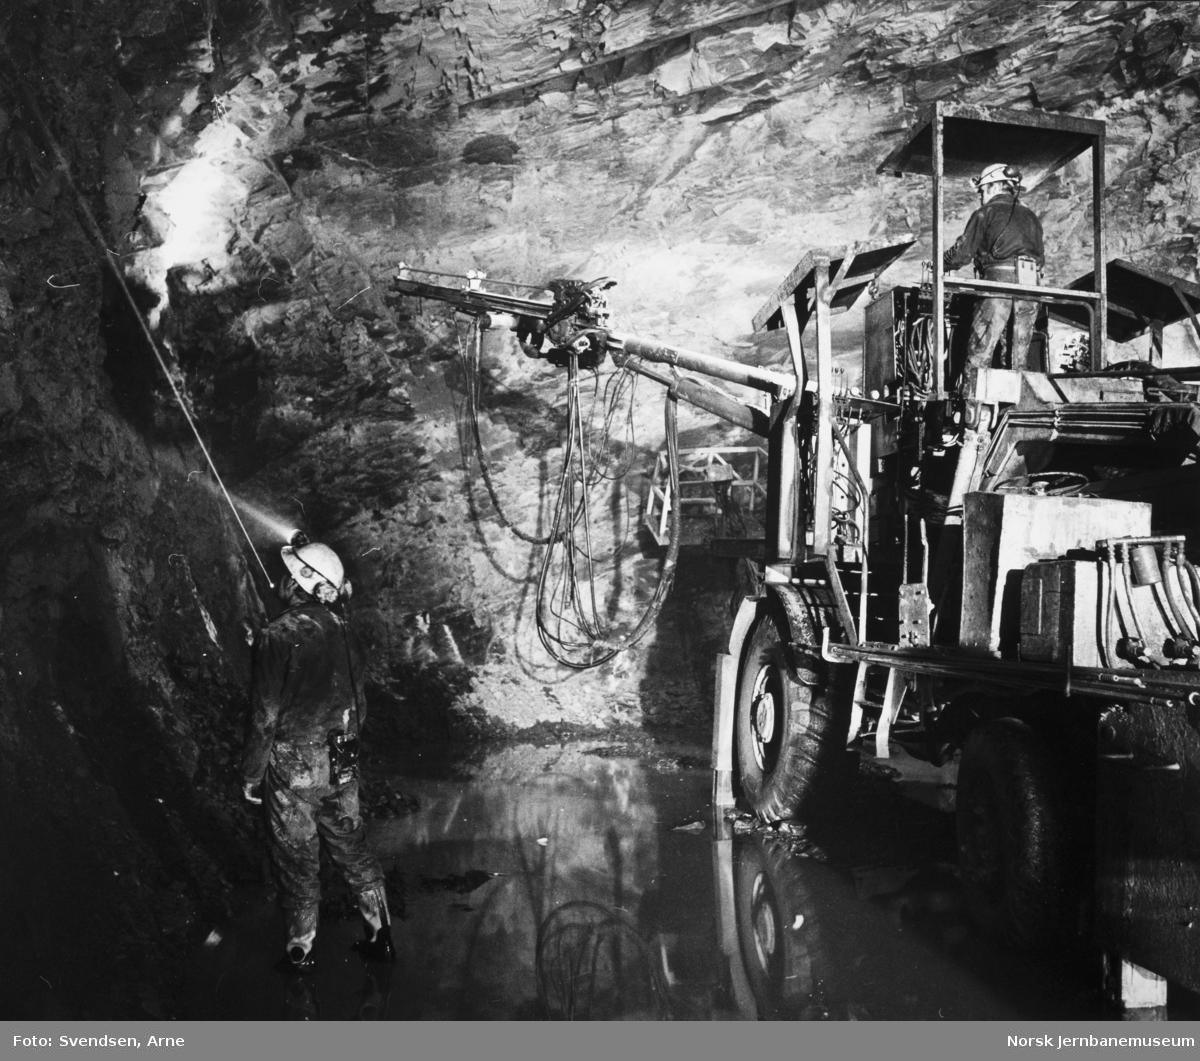 Oslotunnelen : Borerigg i tunnelen